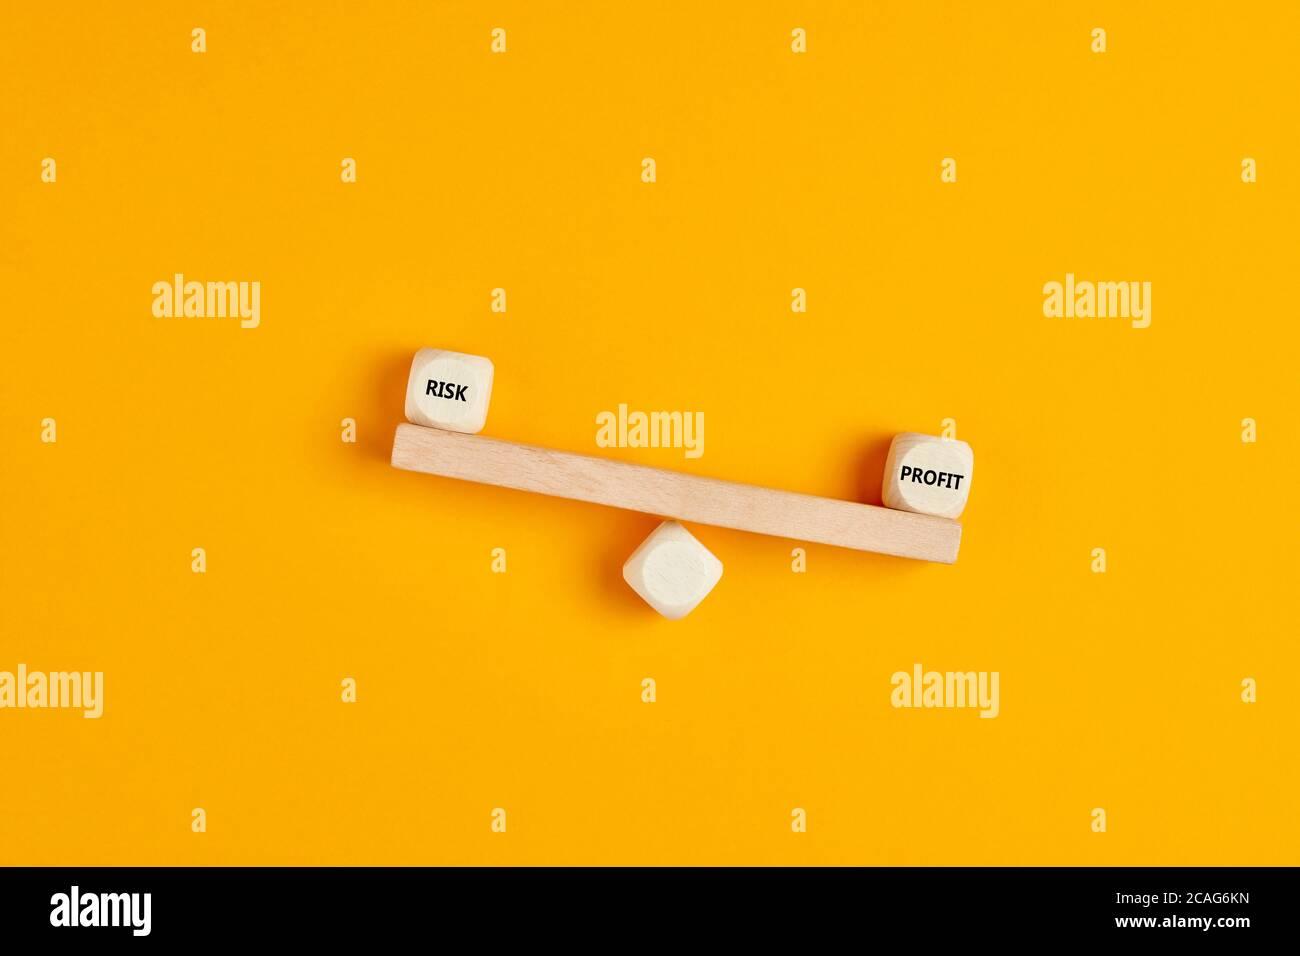 Las palabras beneficio y riesgo se escriben en una guacamaya hecha de bloques de madera sobre fondo amarillo. Concepto de análisis de beneficios y riesgos en negocios, financieros i Foto de stock